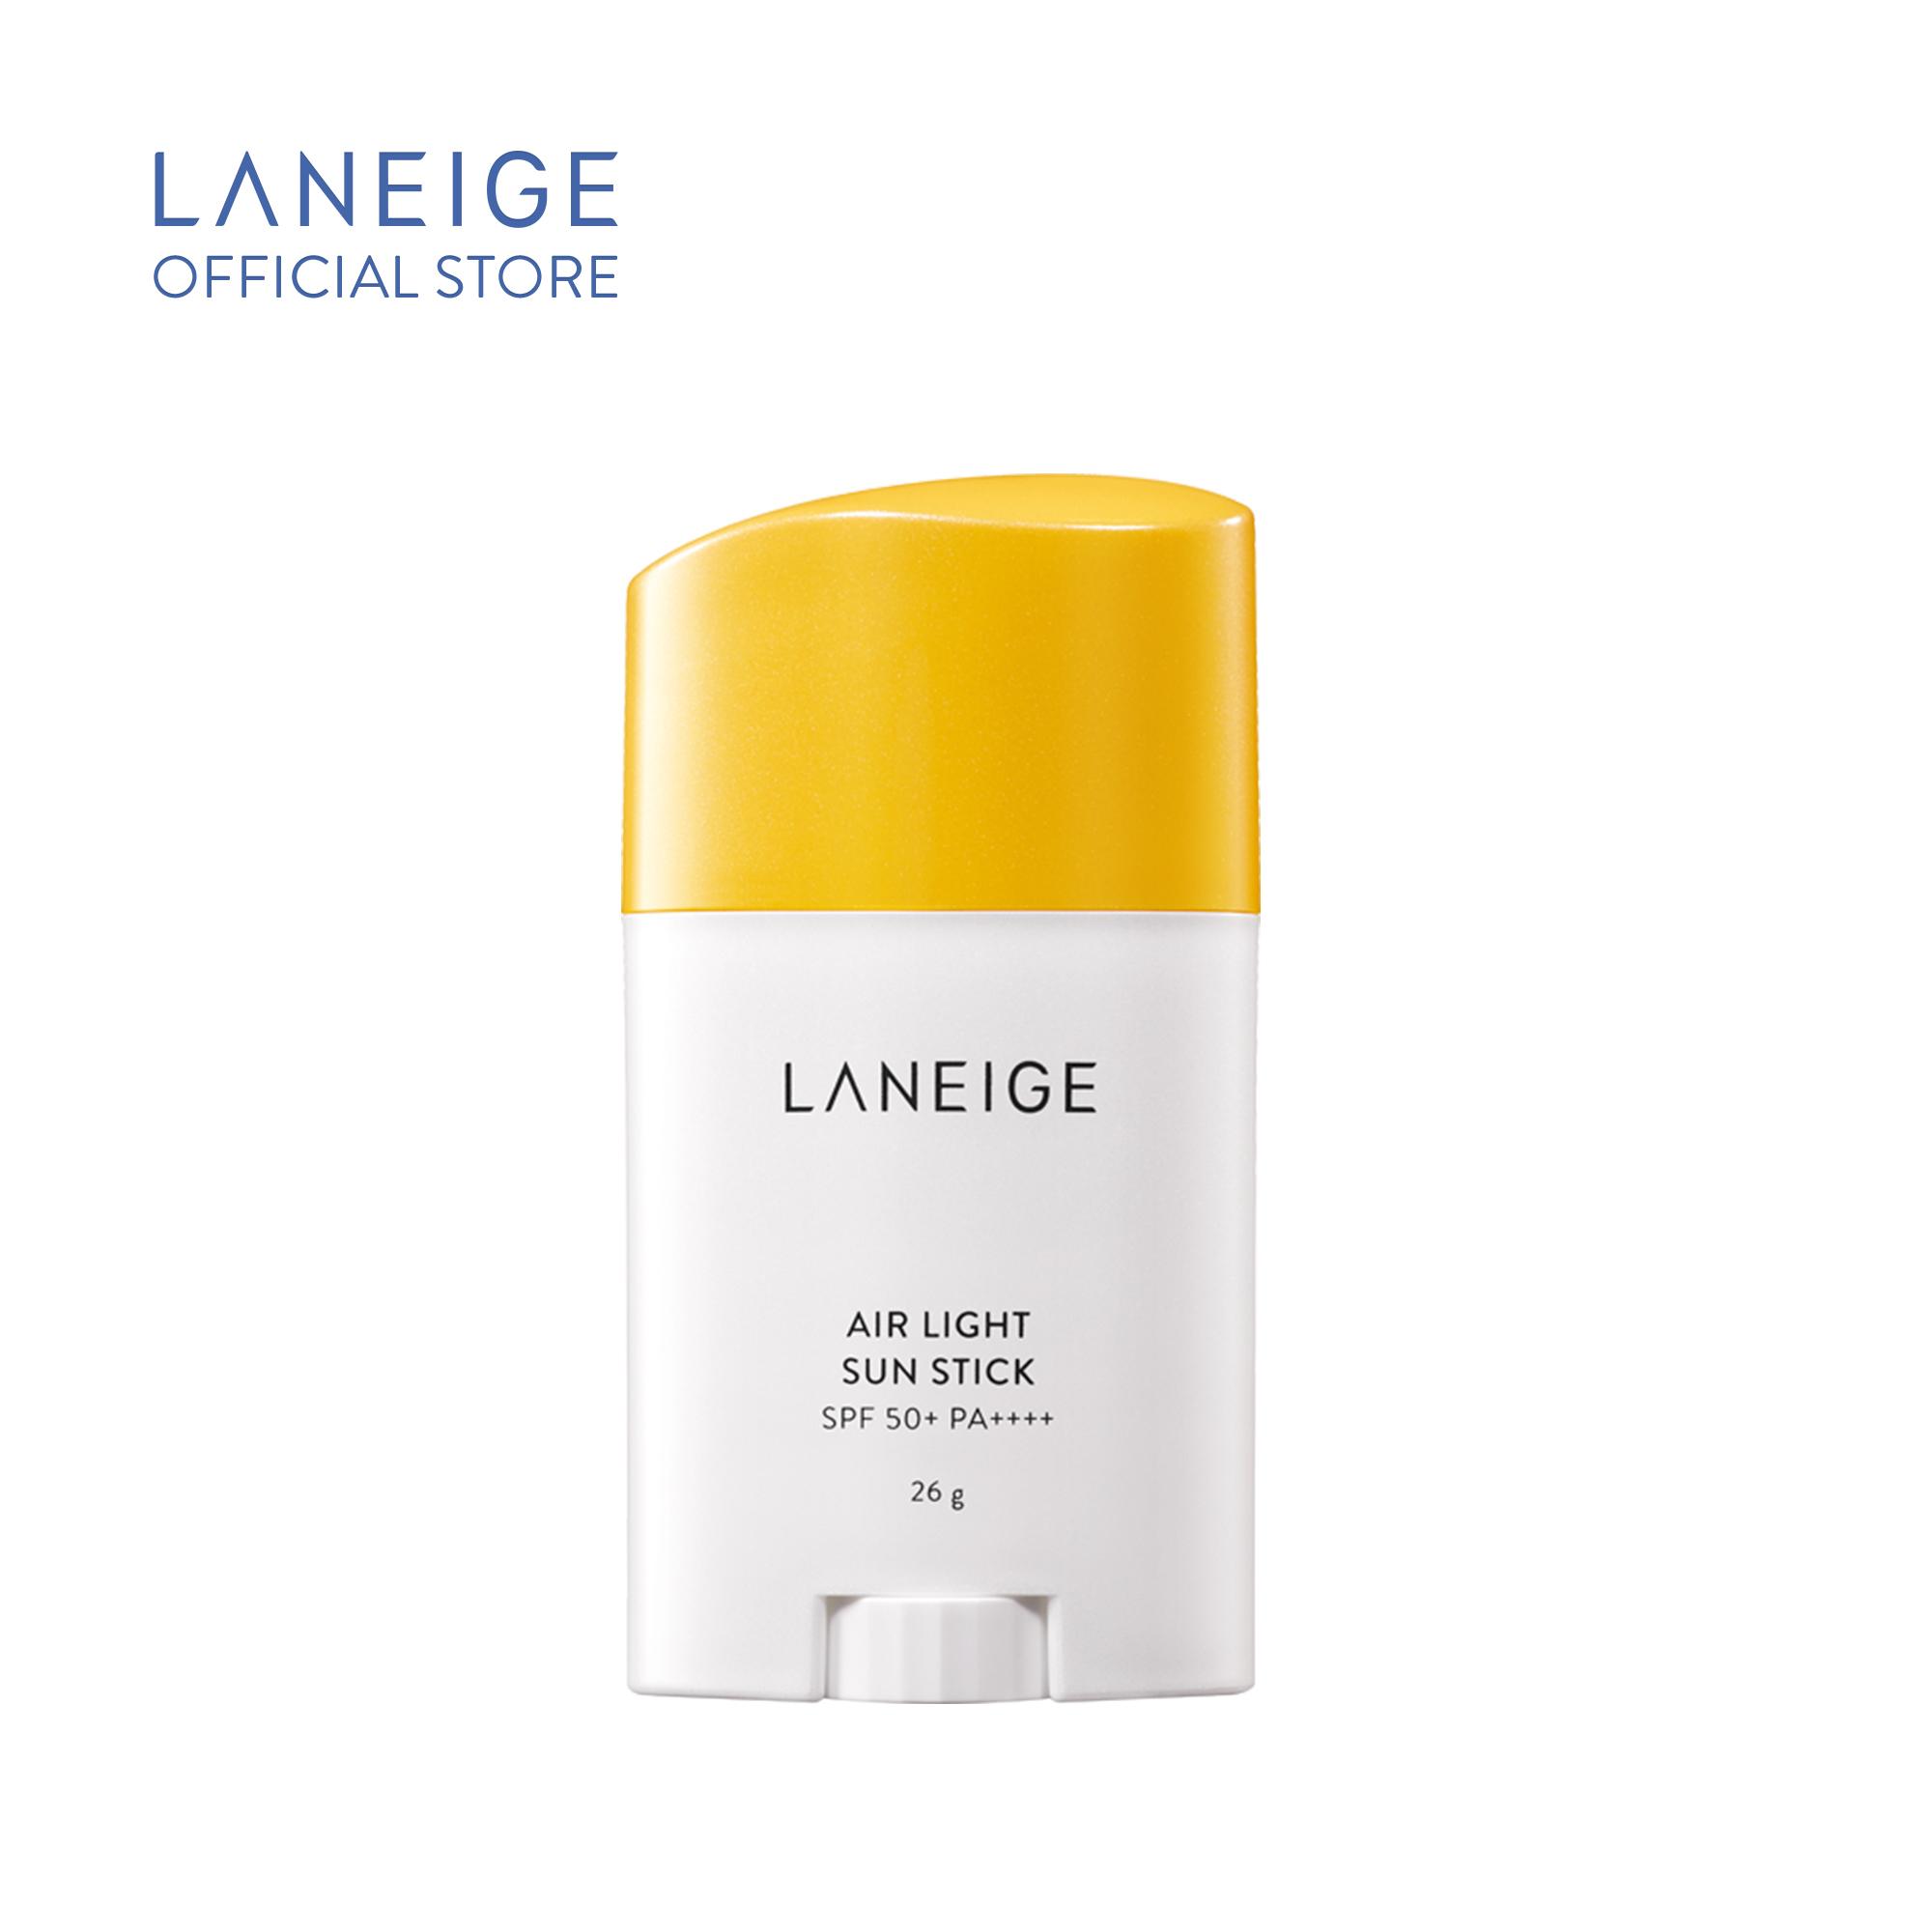 Chống nắng dạng sáp Laneige Air Light Sun Stick SPF50+ PA++++ 26g